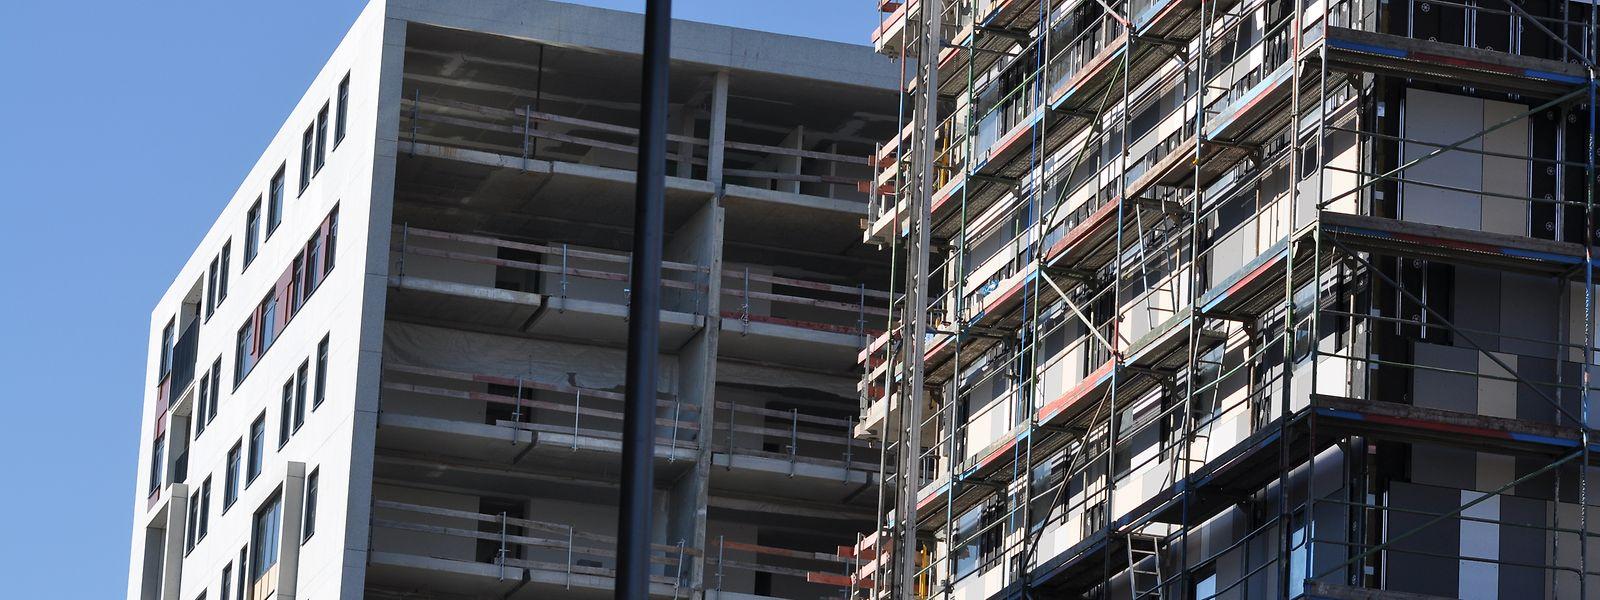 """""""Quand le bâtiment va, tout va"""": Die Immobilienpreise stiegen 2019 um fast zehn Prozent, was auf ein Ungleichgewicht zwischen Angebot und Nachfrage zurückzuführen ist. 2020 dürfte sich an der ungesunden Situation wenig ändern."""